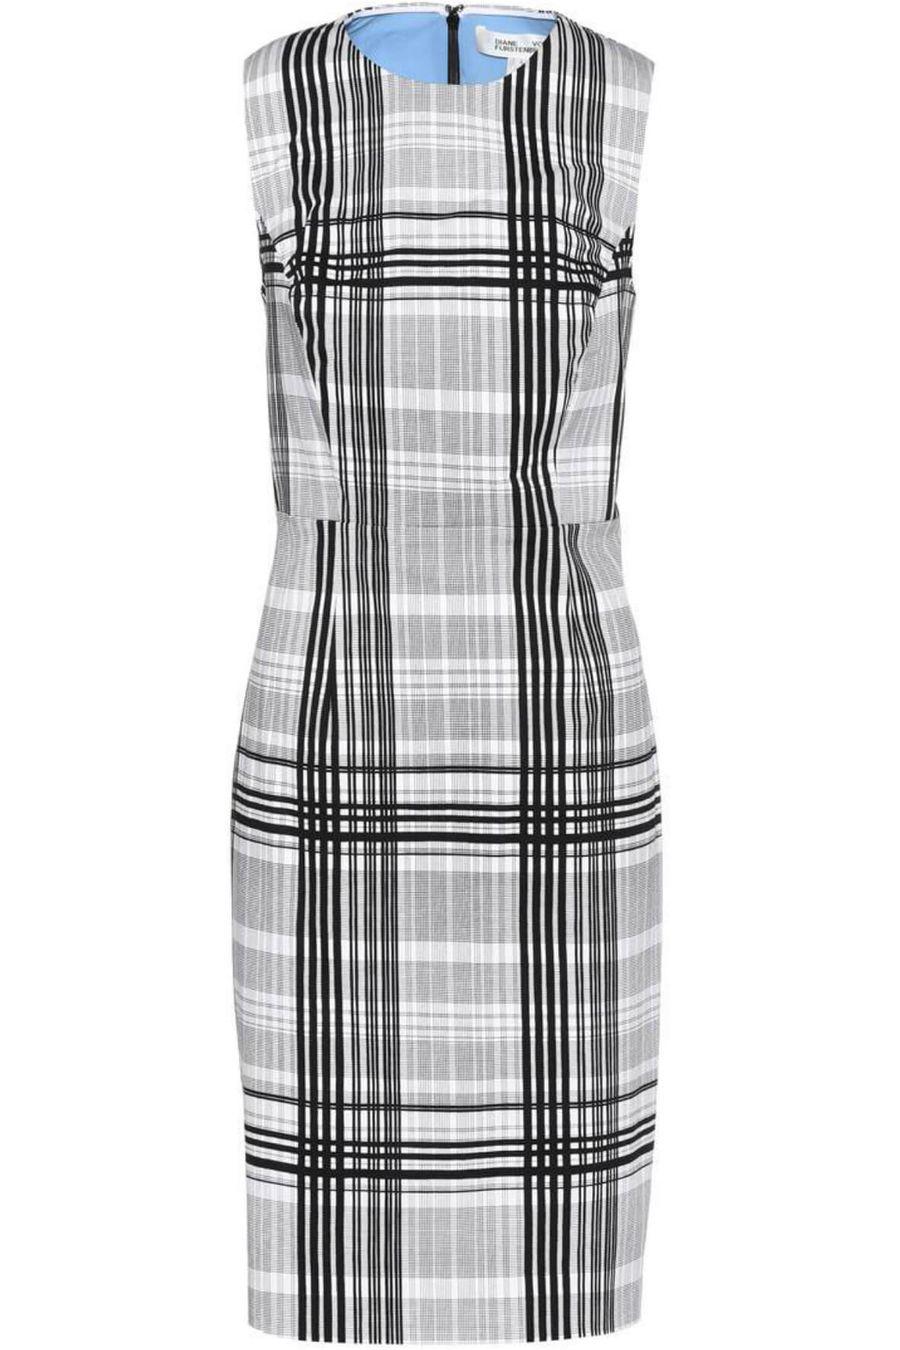 diane-von-furstenberg-checkered-knee-length-dress-1